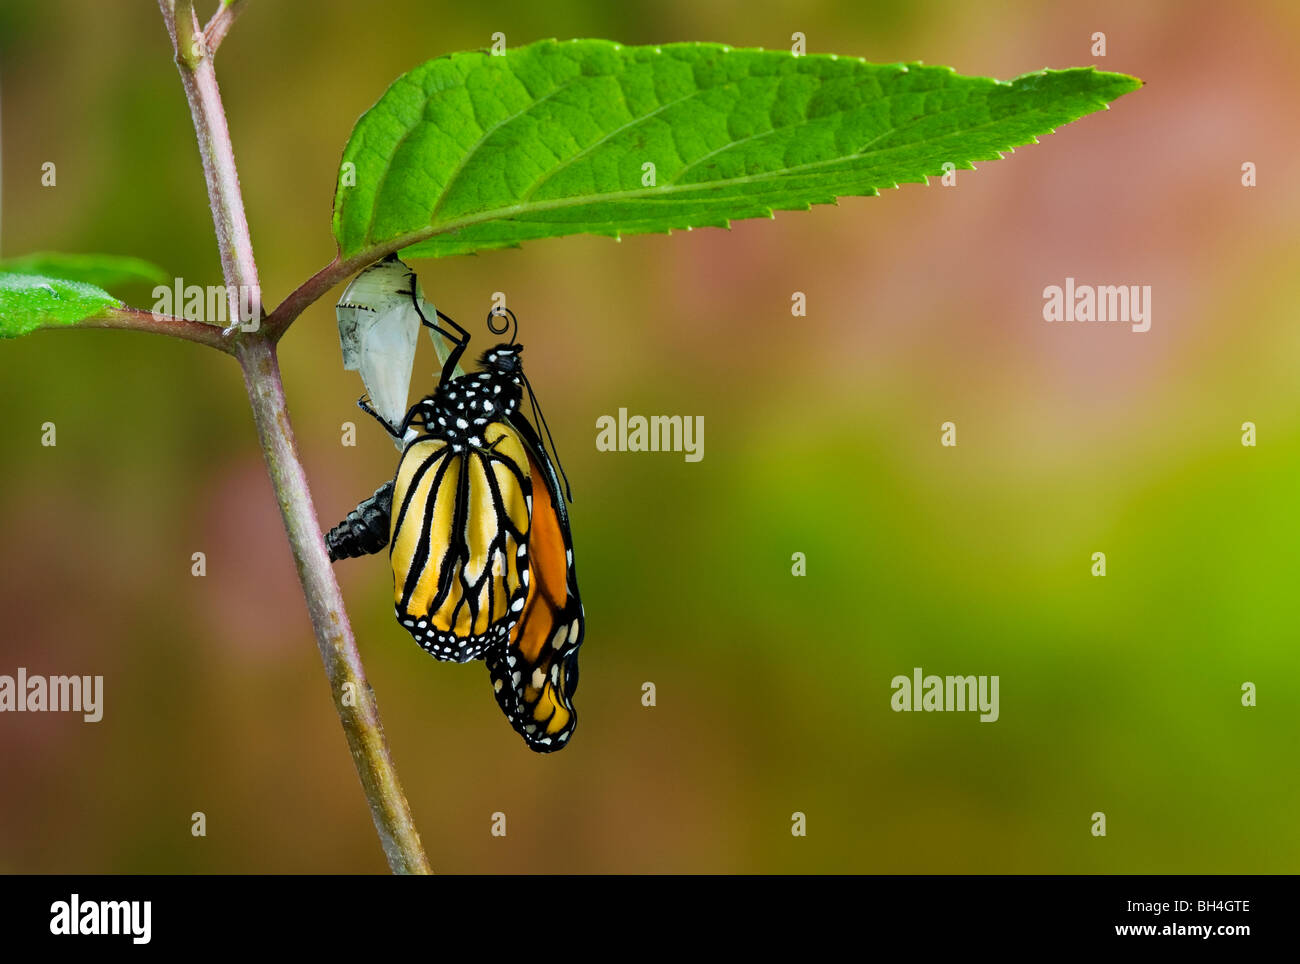 Monarch-Schmetterling entstand aus Cocoon, leere Puppe Mekonium aus Bauch in Flügel, Nova Scotia zu Pumpen. Stockbild